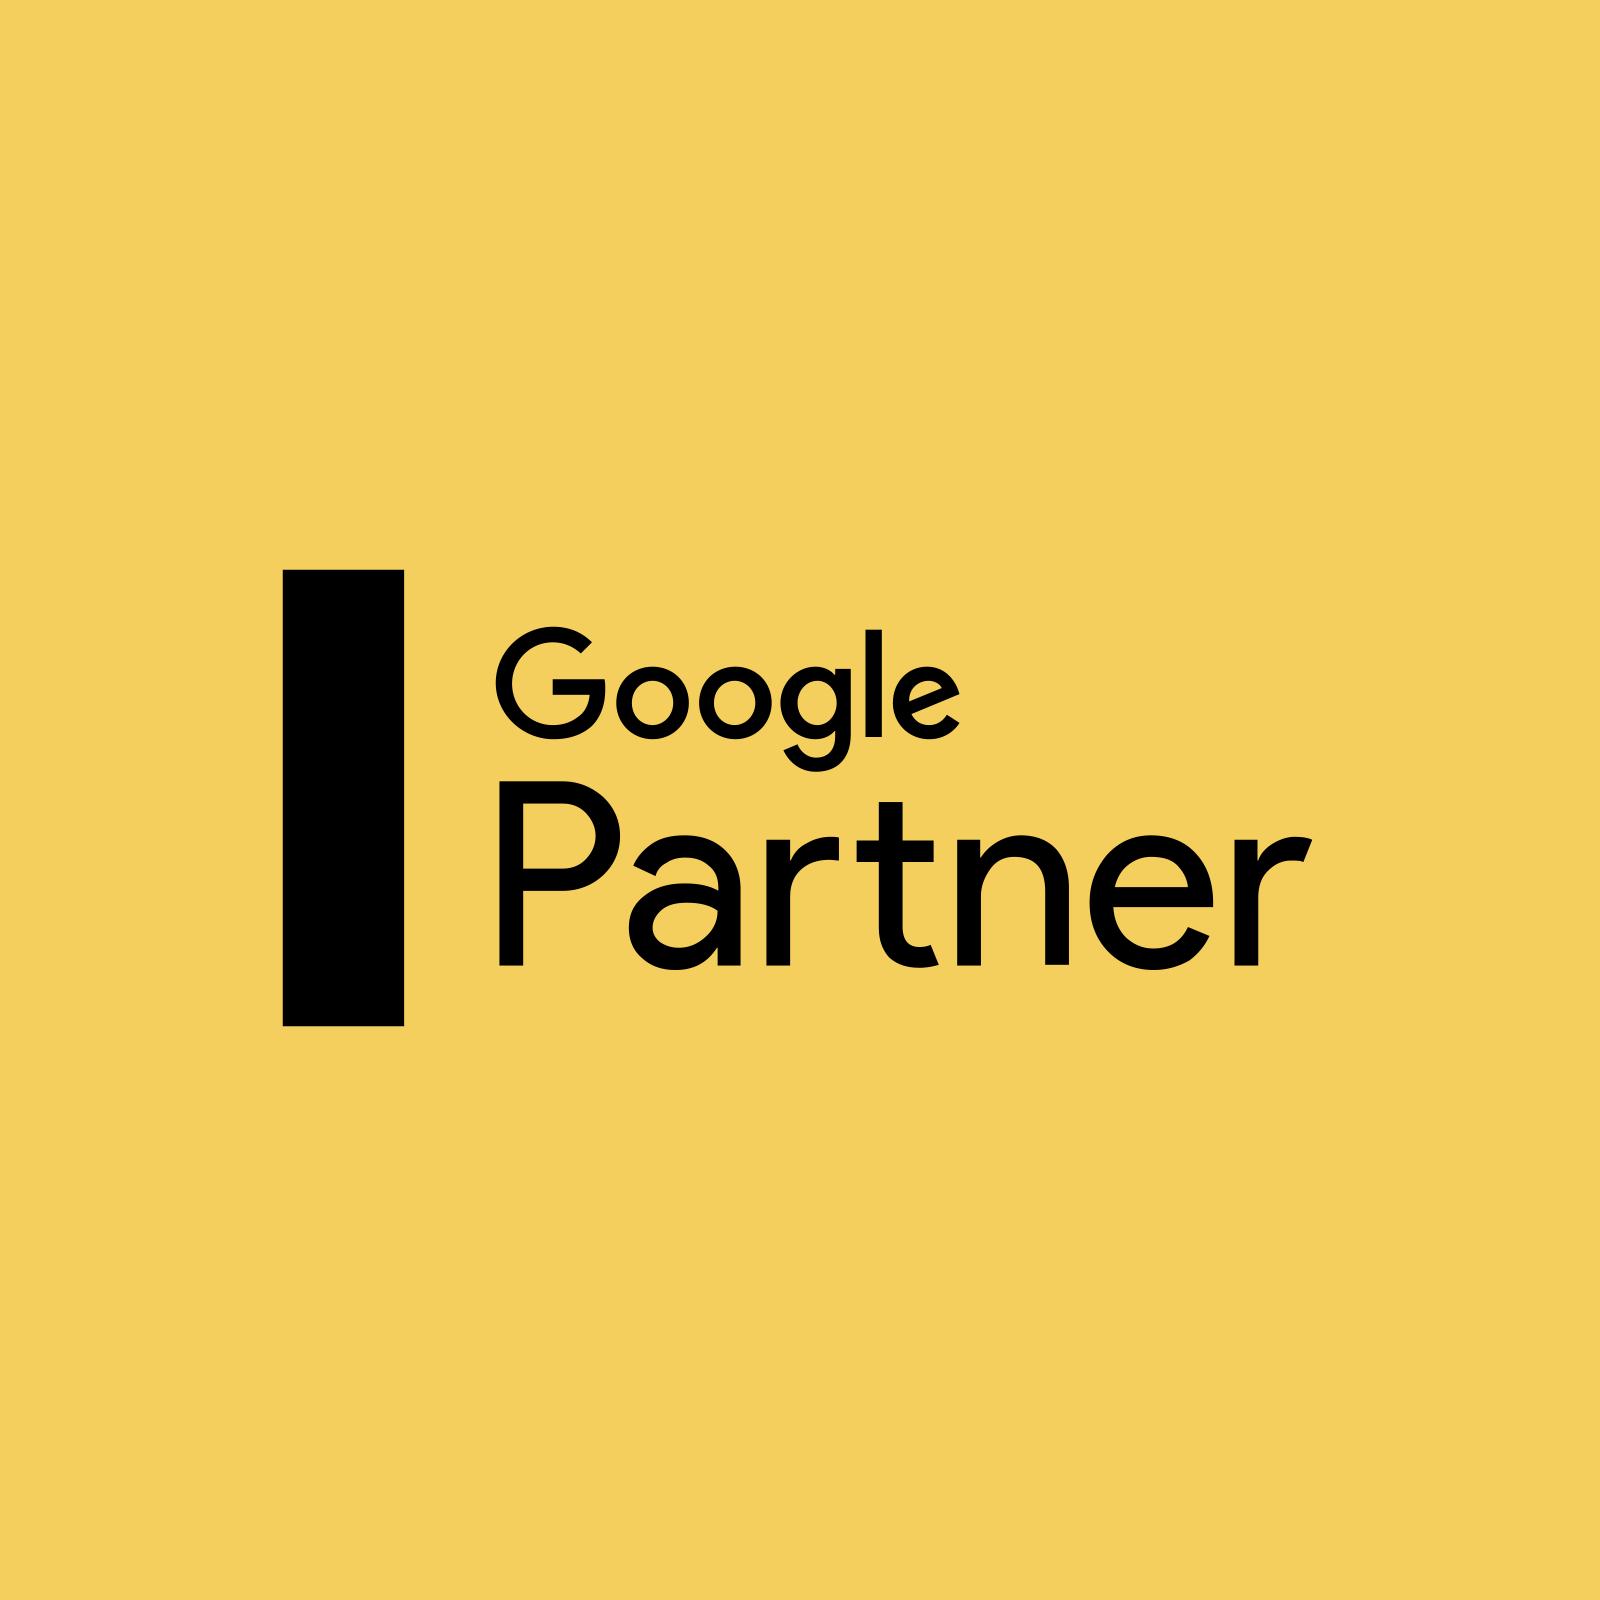 Google Partner Graubünden